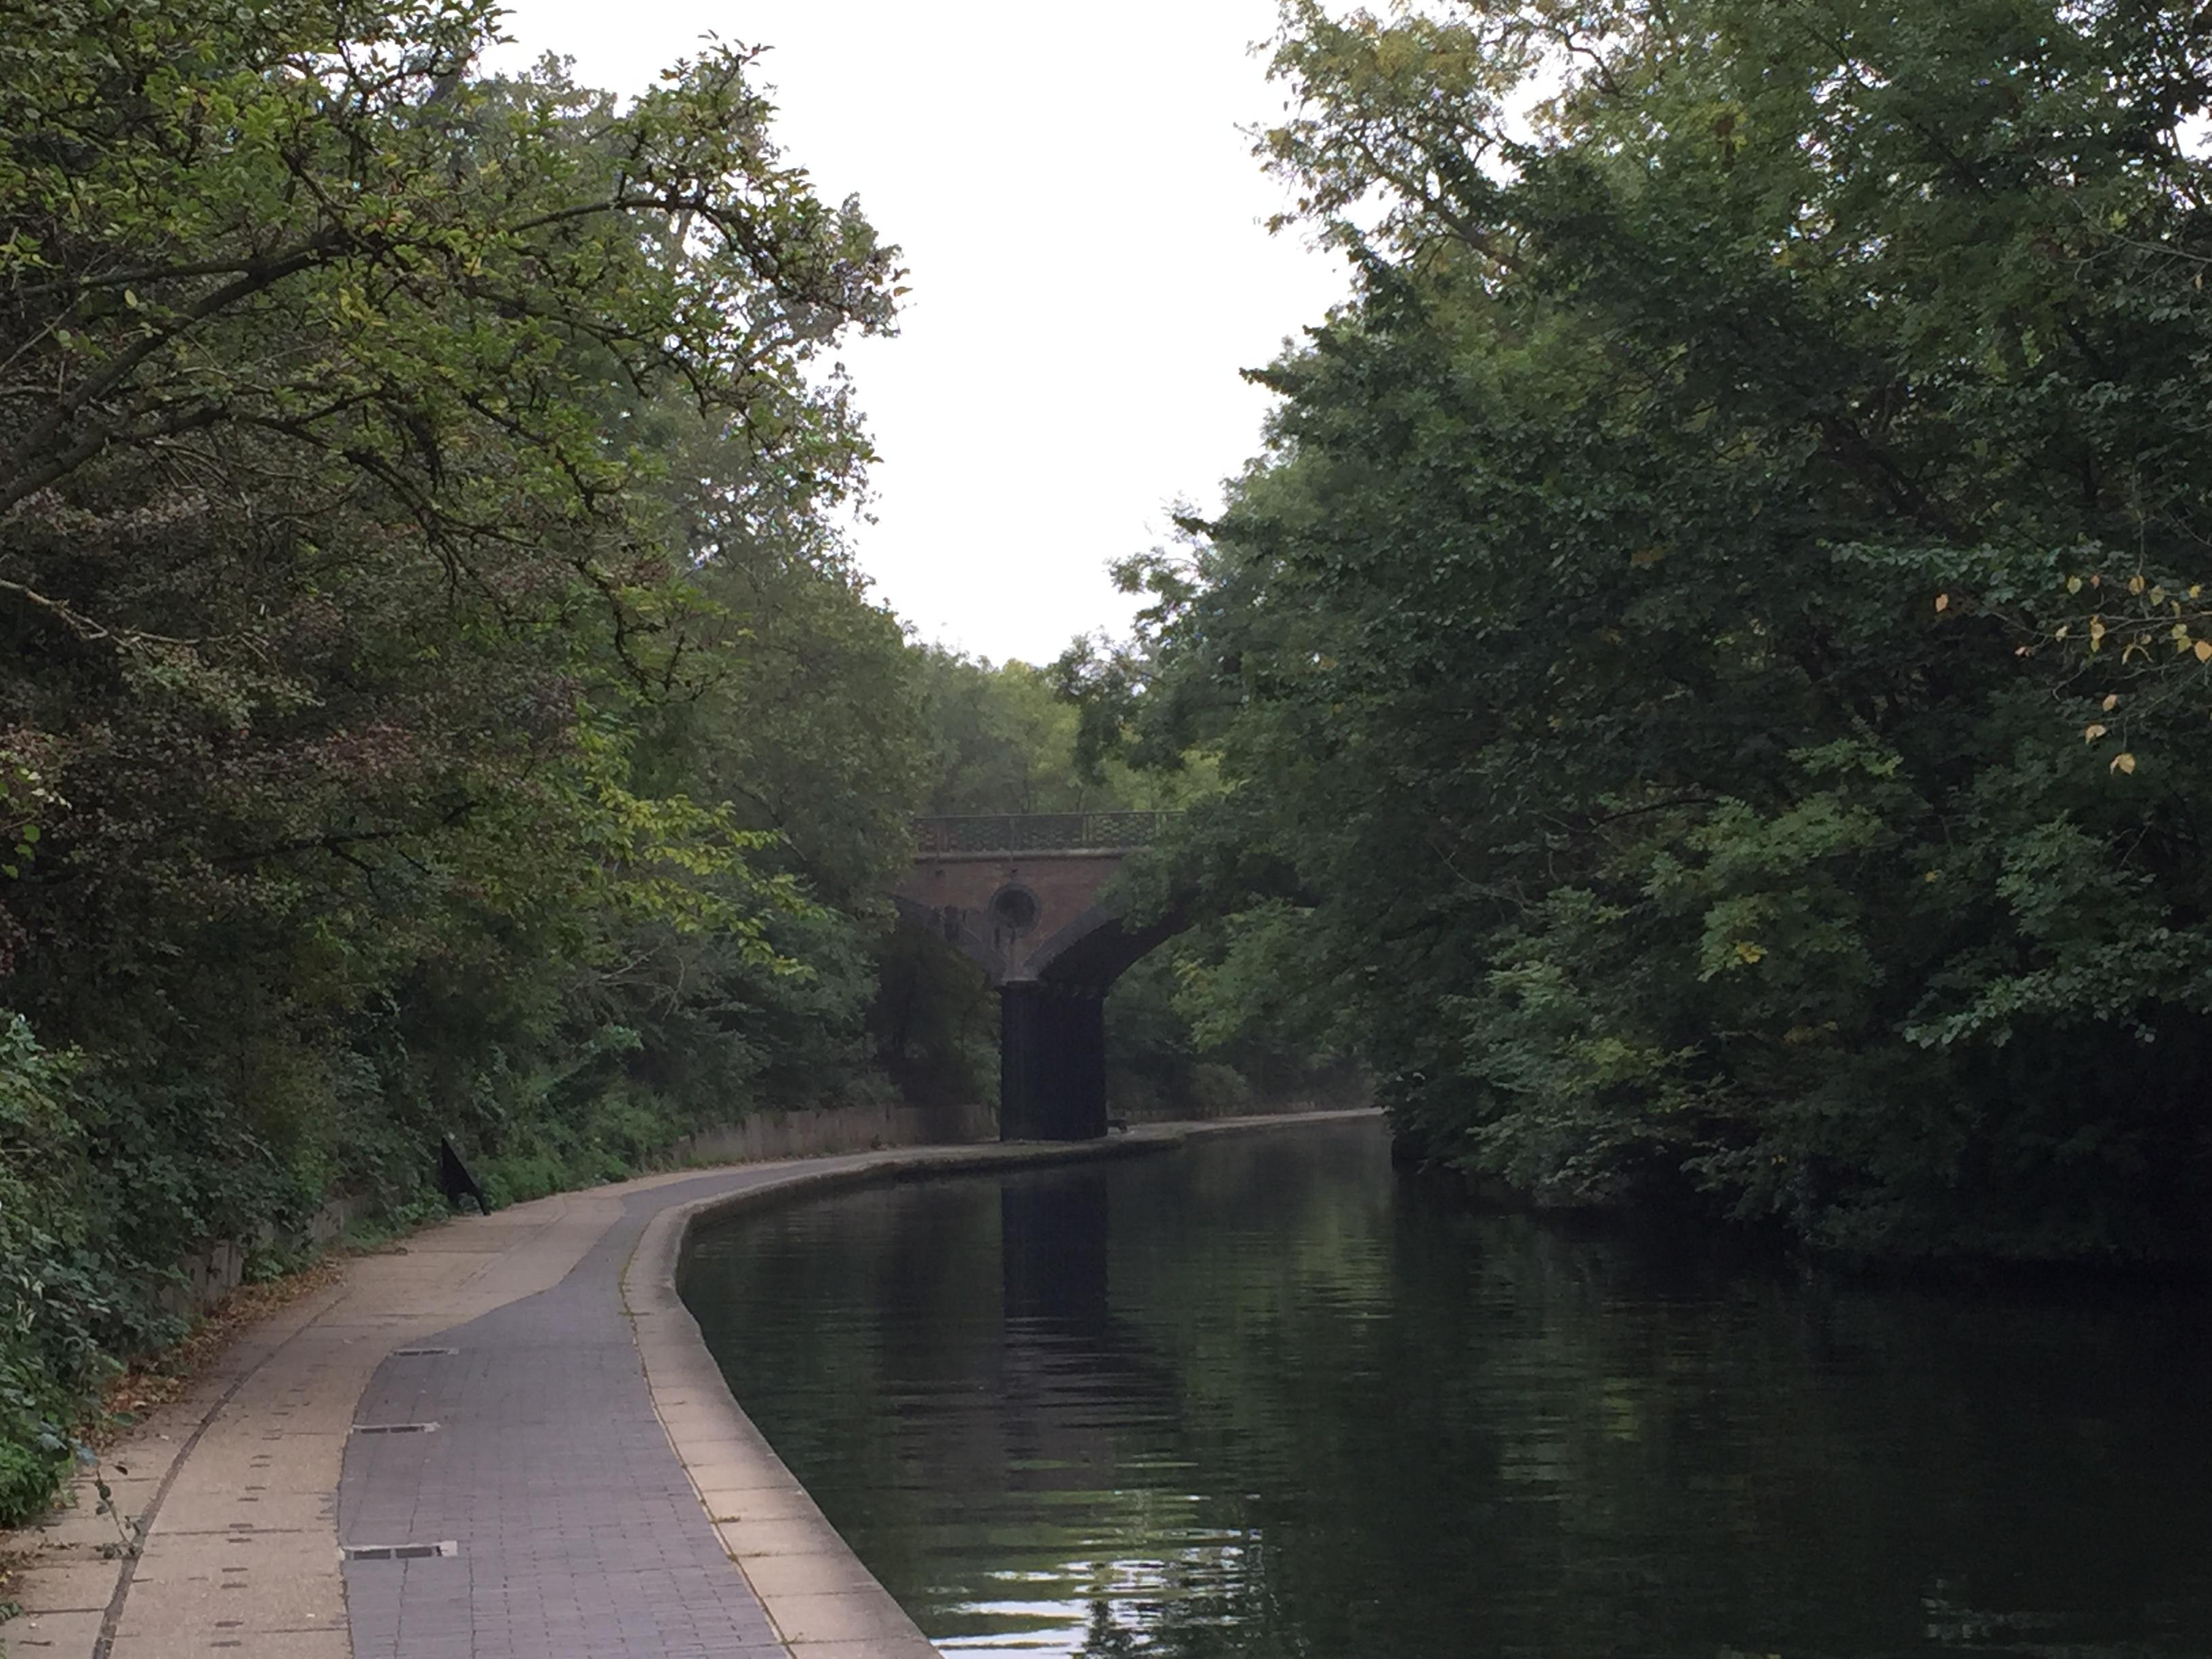 Regents' Park Canal